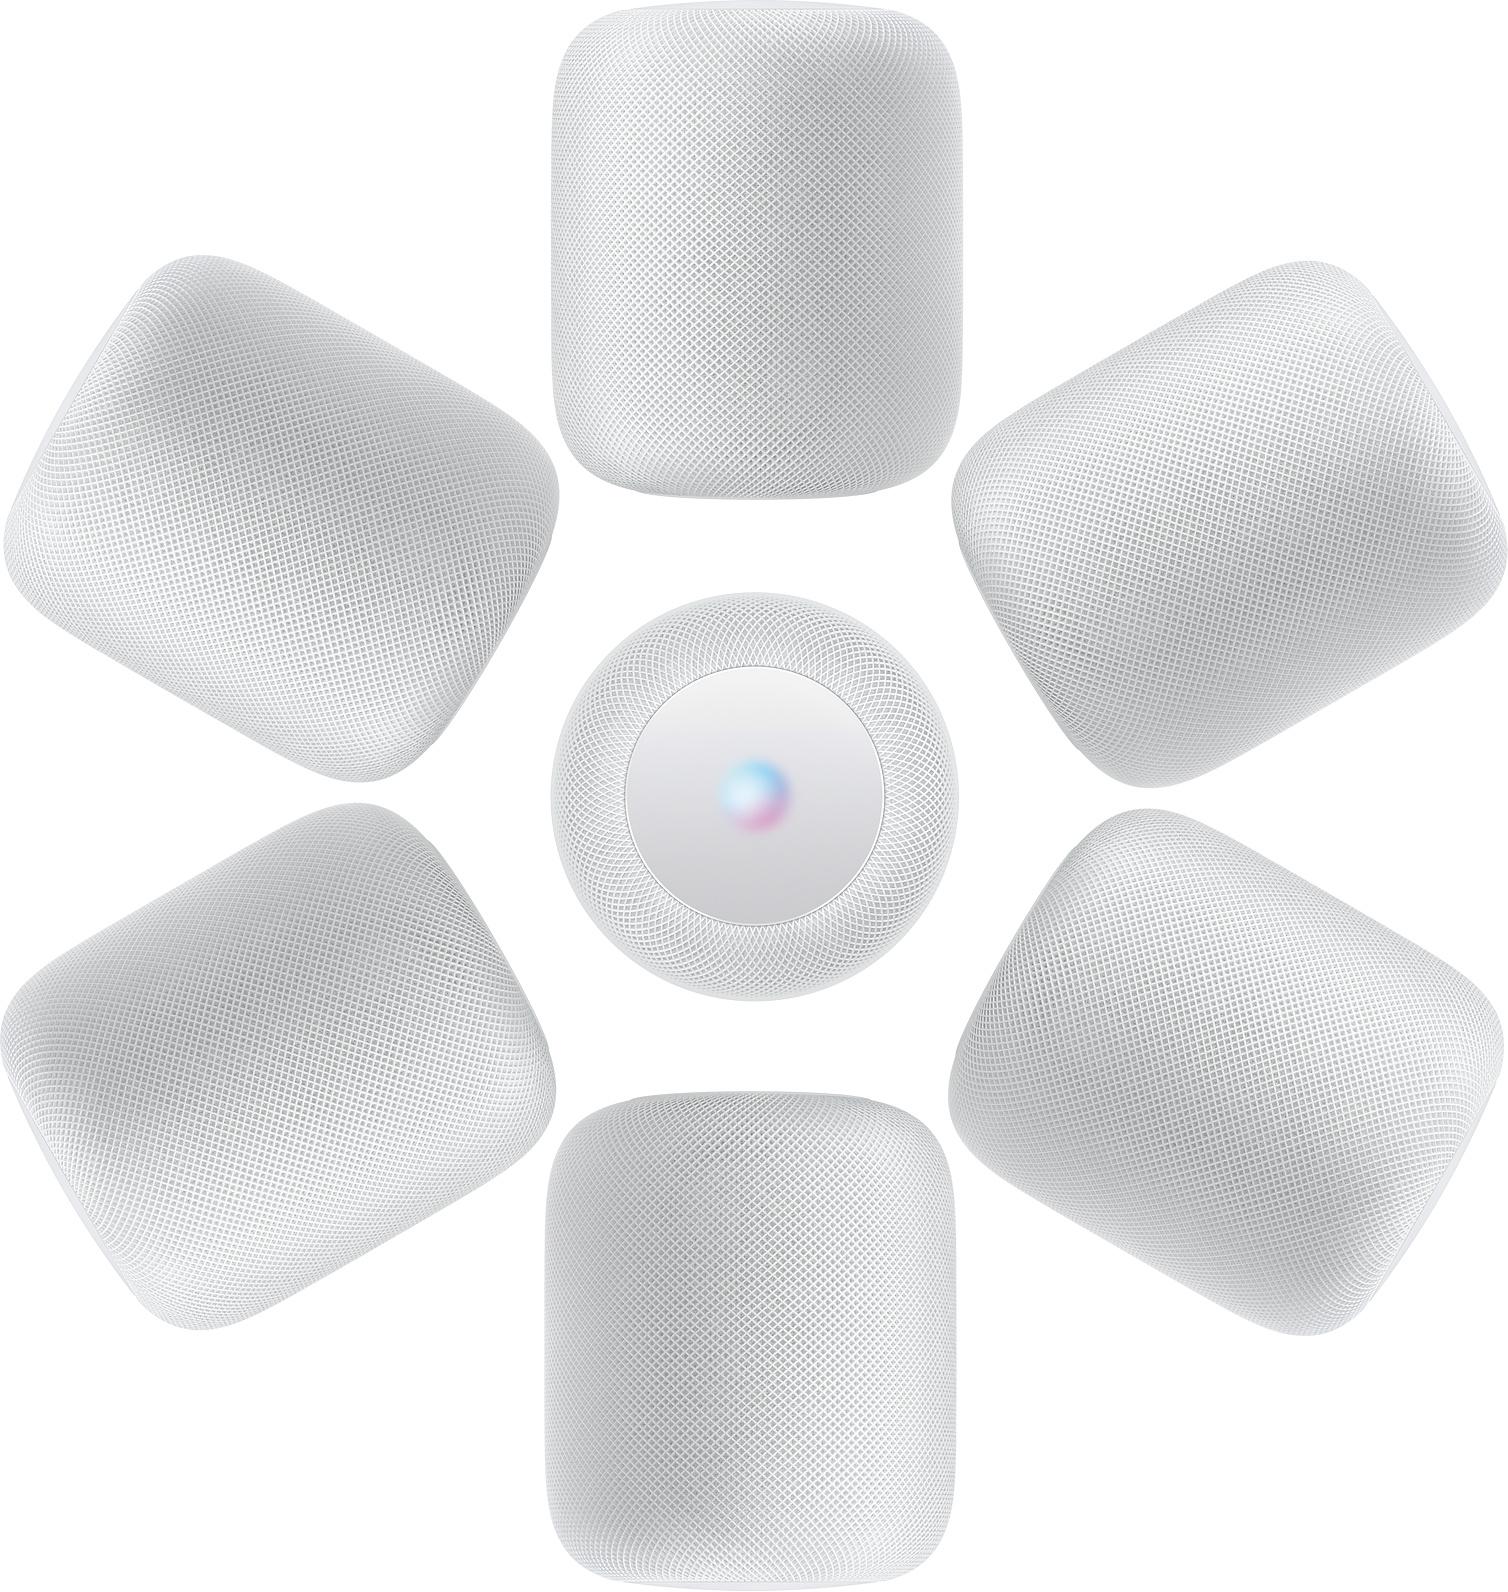 Apple está considerando permitir aplicaciones de música de terceros como Spotify y Pandora en HomePod